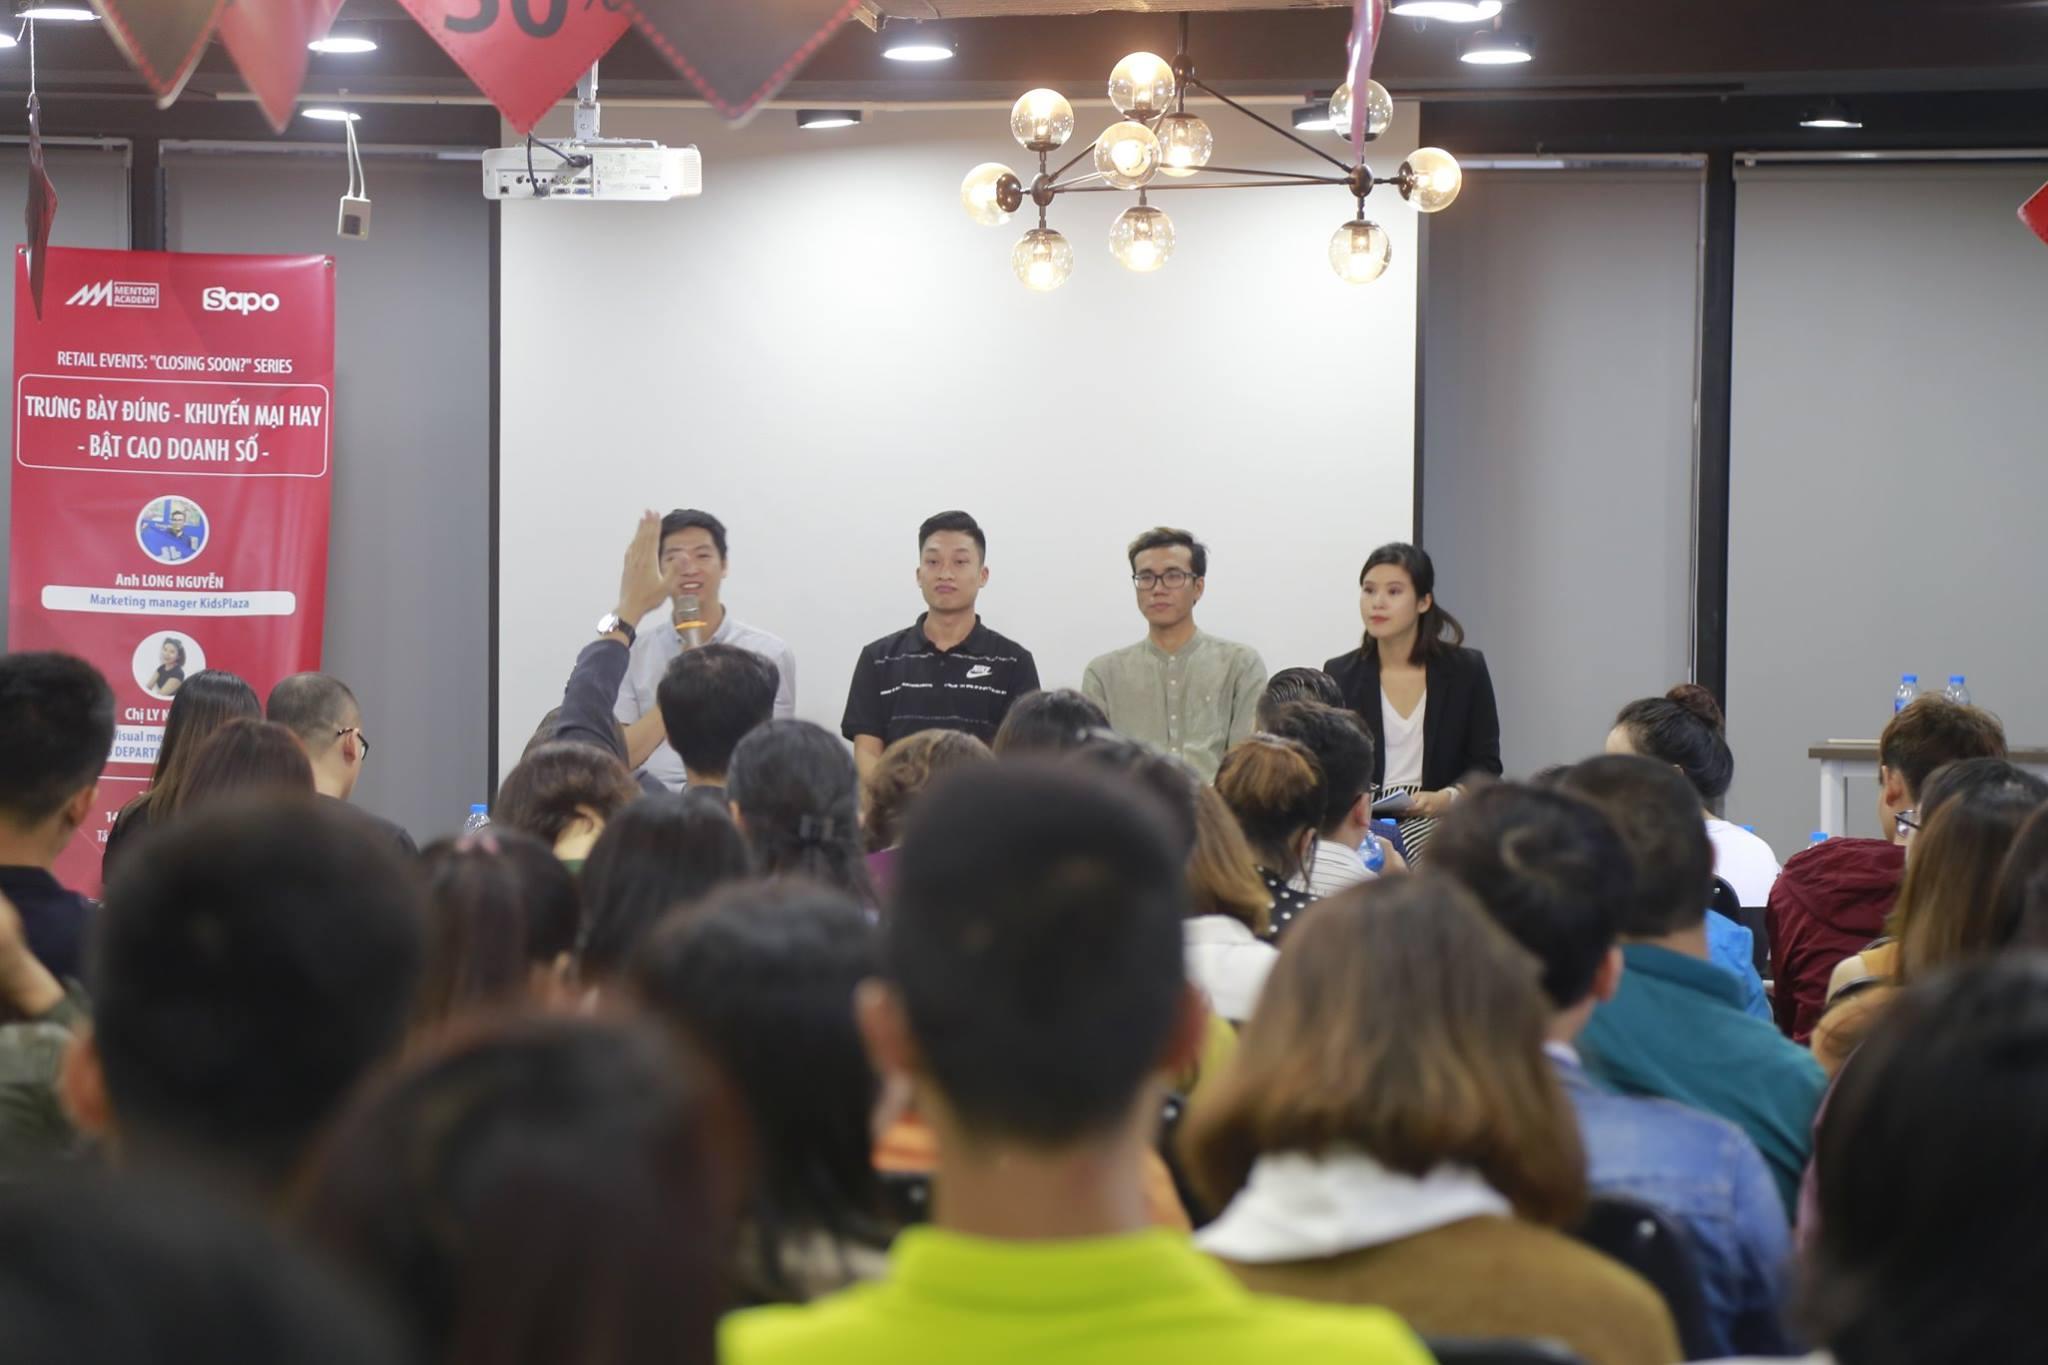 Hơn 200 chủ shop tham gia Retail Workshop cùng Sapo